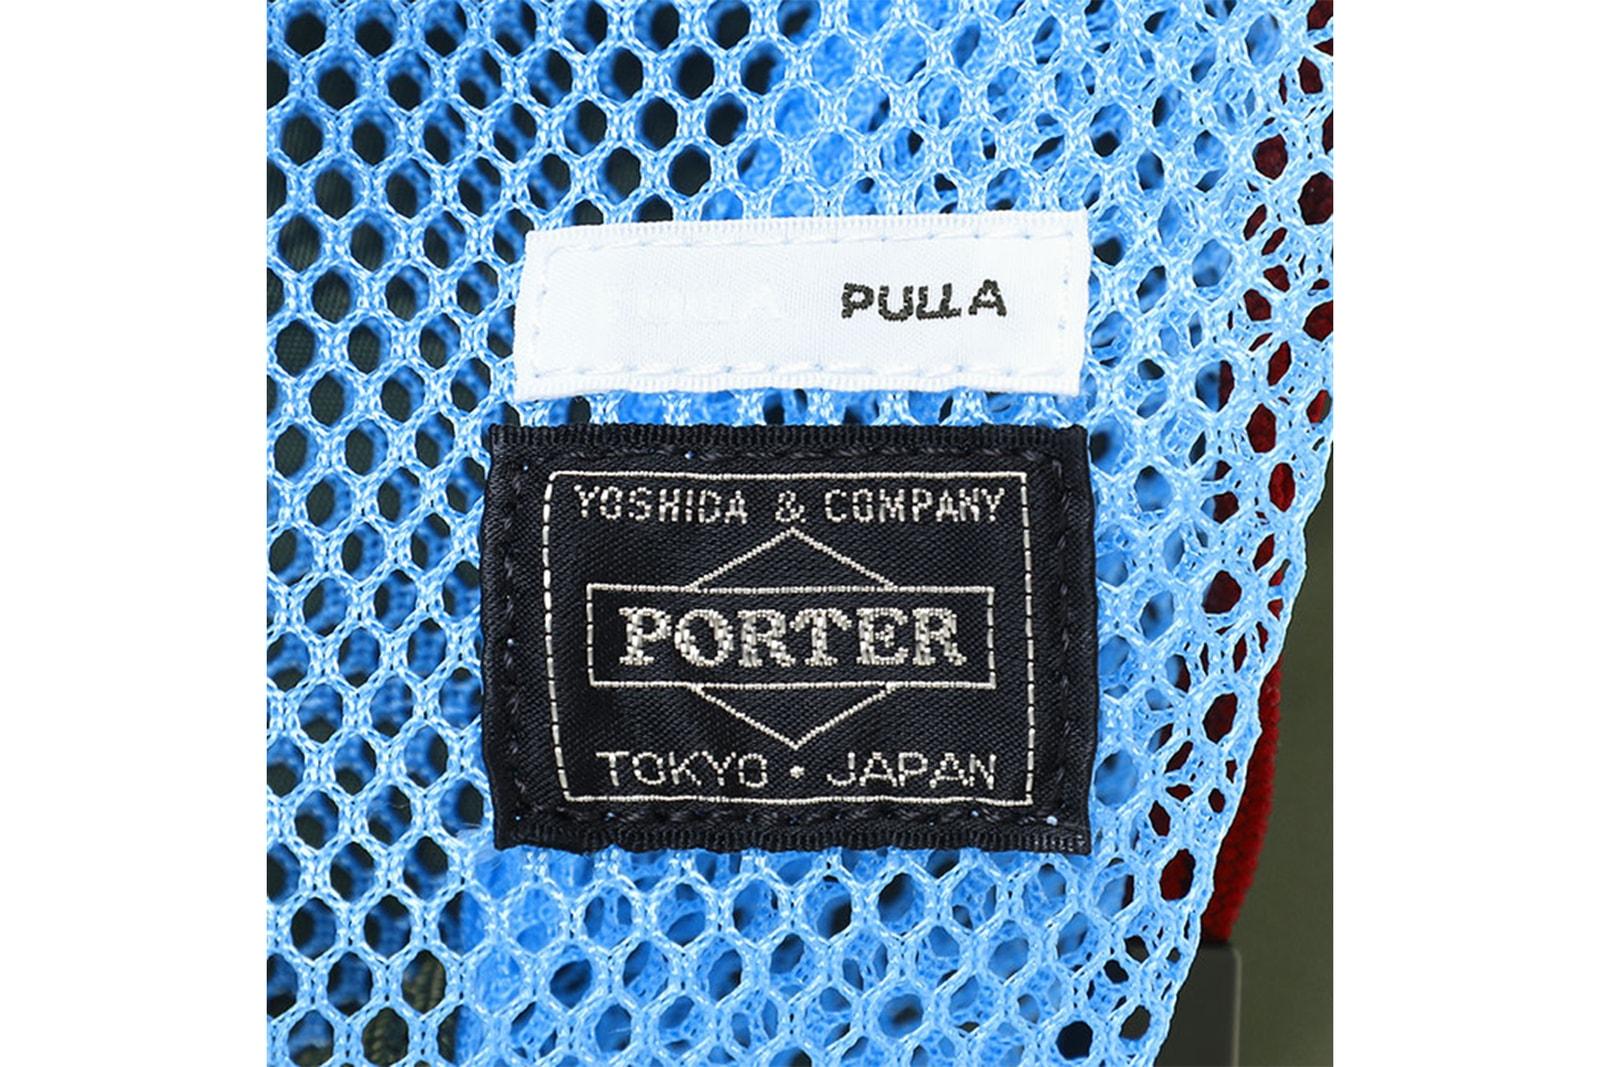 トーガ プルラ ポーター  TOGA PULLA PORTER コラボ トランクショー バッグ 品川駅構内 スタンド PORTER STAND 開催